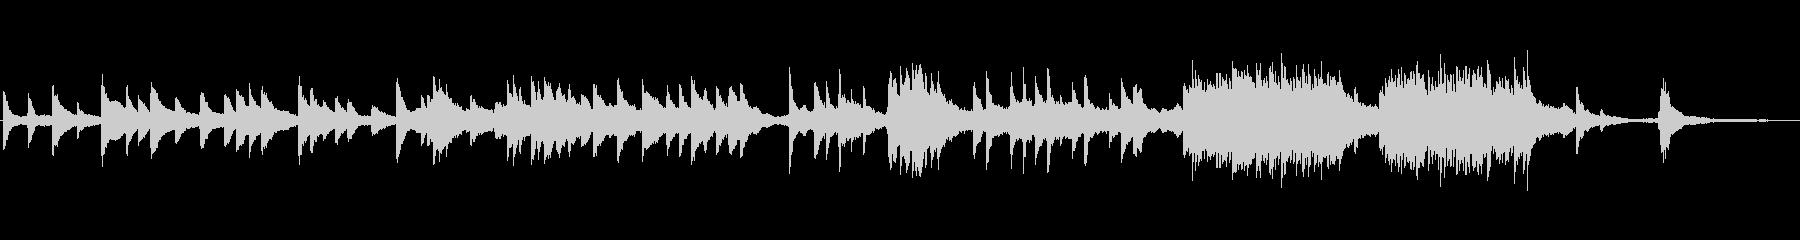 室内楽 プログレッシブ 交響曲 ド...の未再生の波形